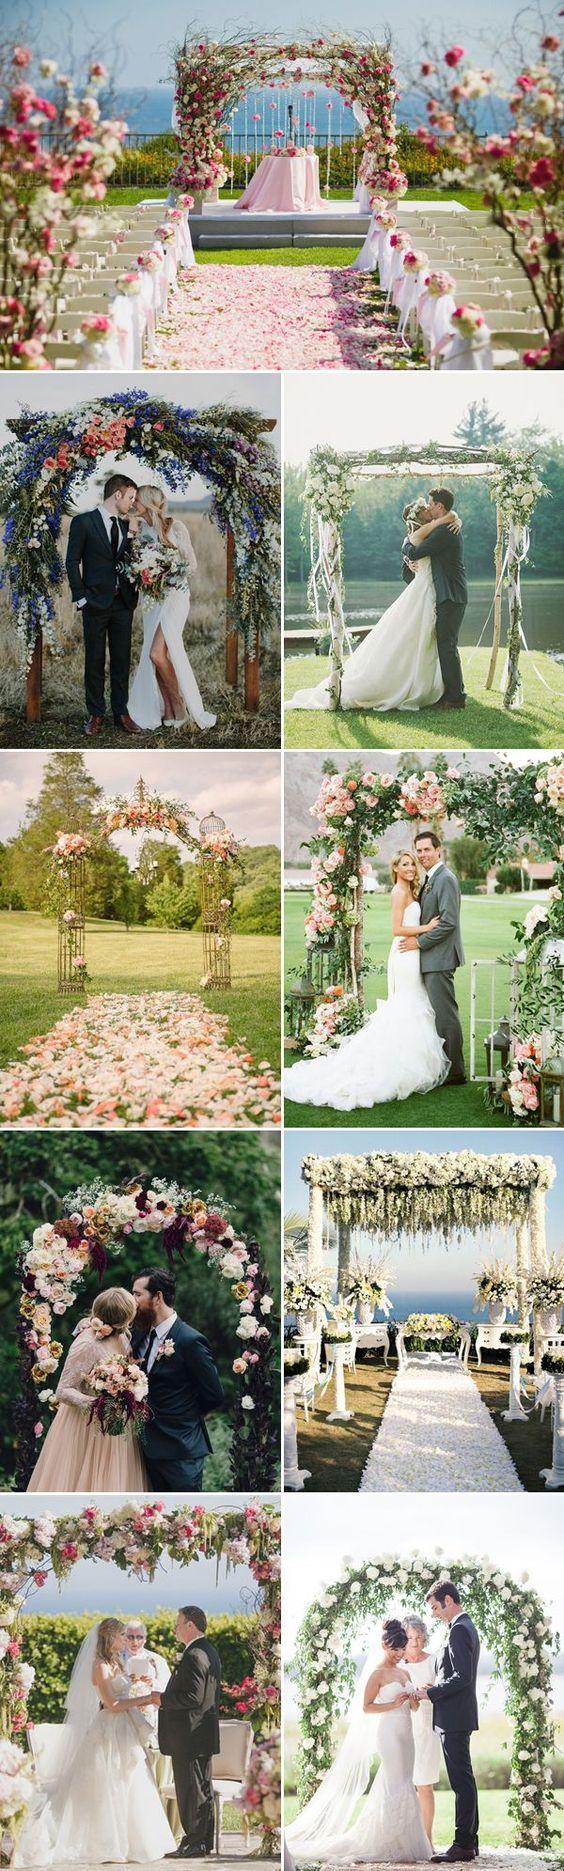 ιδέες διακόσμησης γάμου20